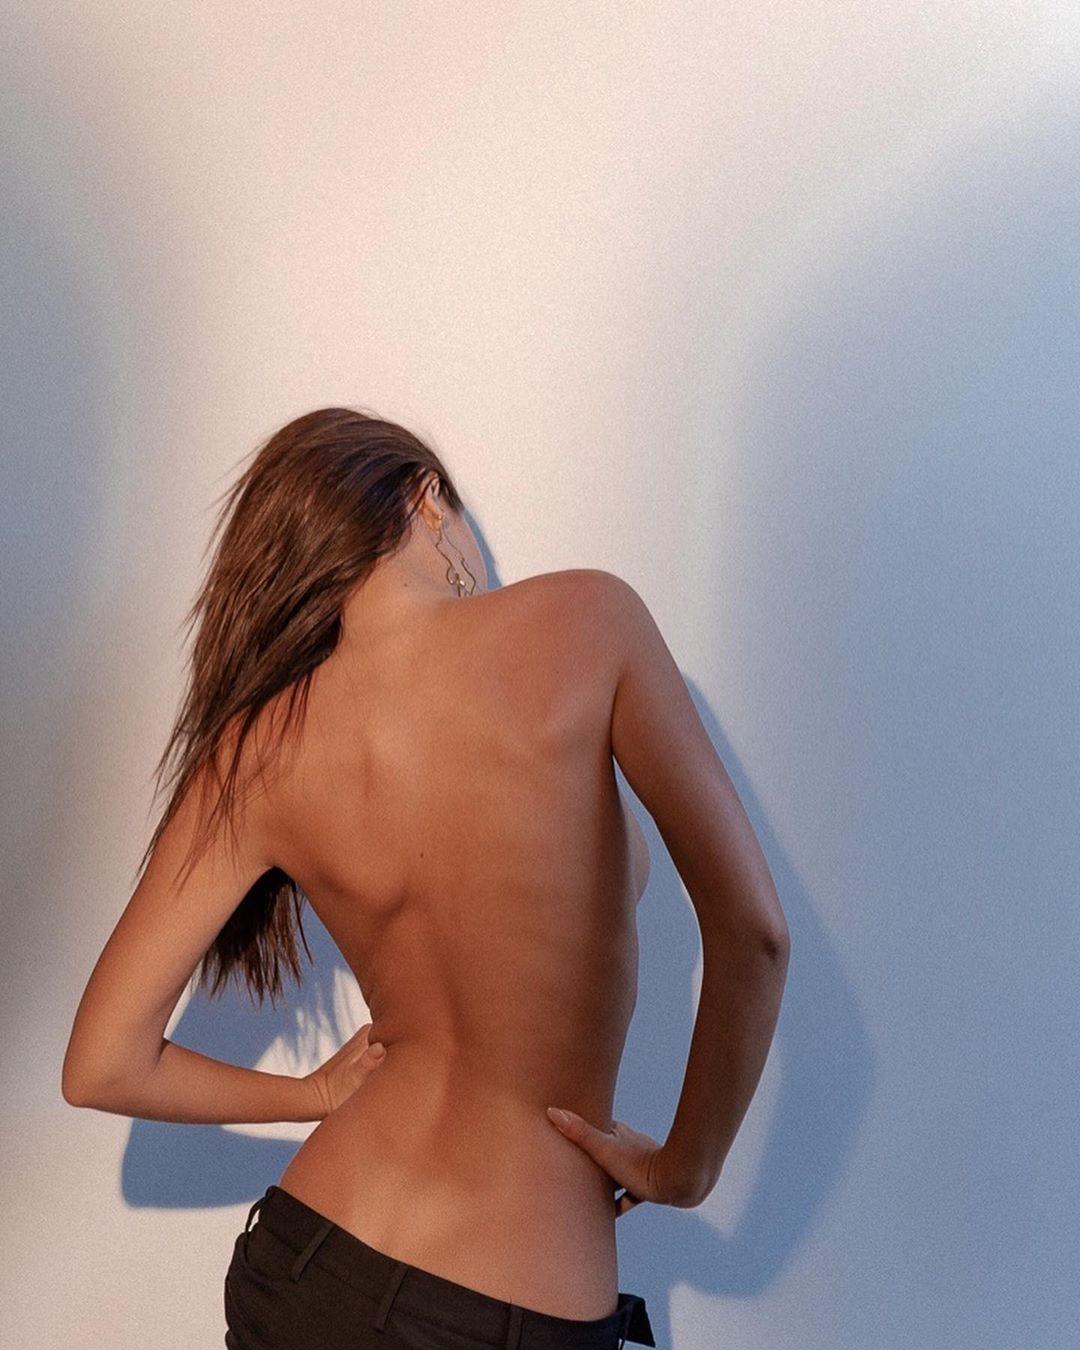 Emily Ratajkowski Topless